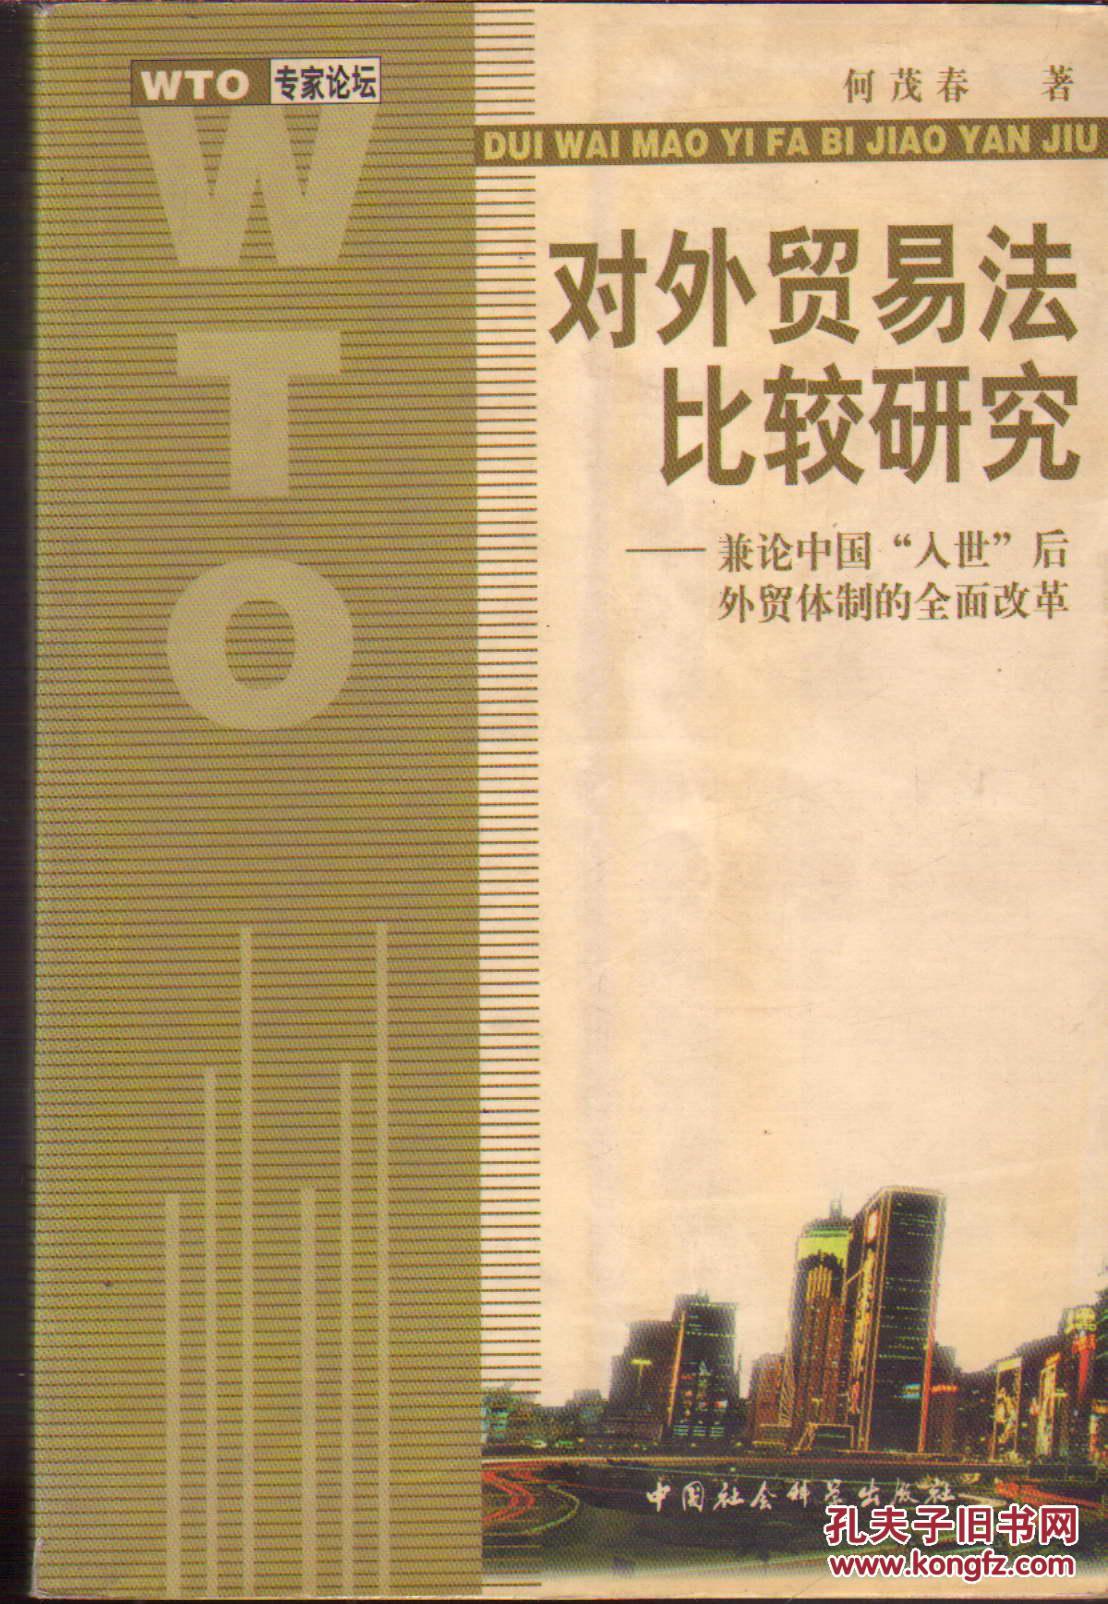 中国入世议定书 《中国入世议定书》翻译组译 - 道客巴巴